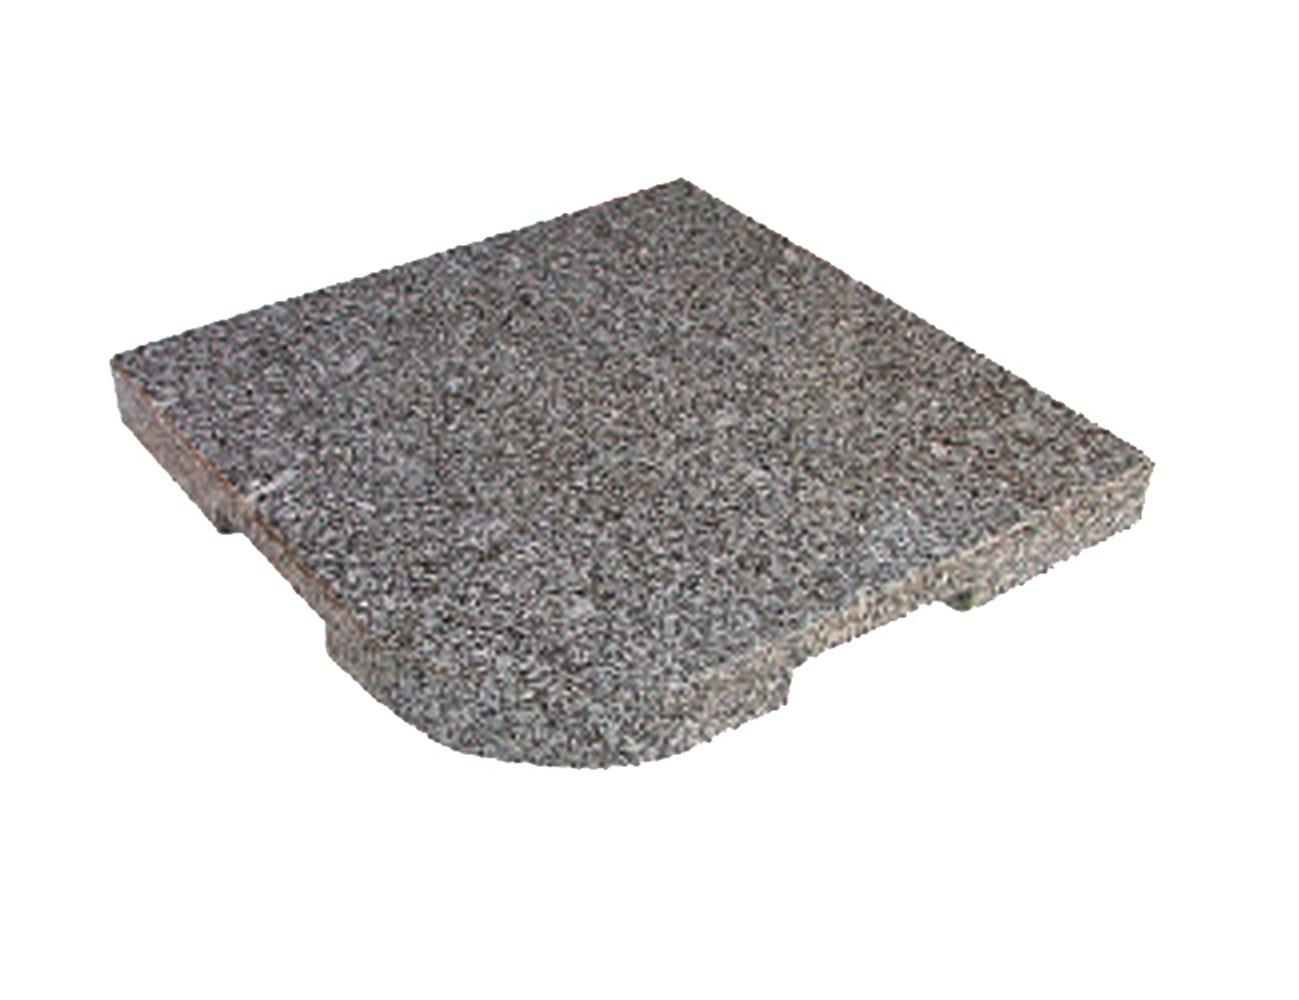 DELSCHEN 8456-900-170 Granit-Platte 25 Kg, 480 x 480 x 40 mm, grau günstig online kaufen